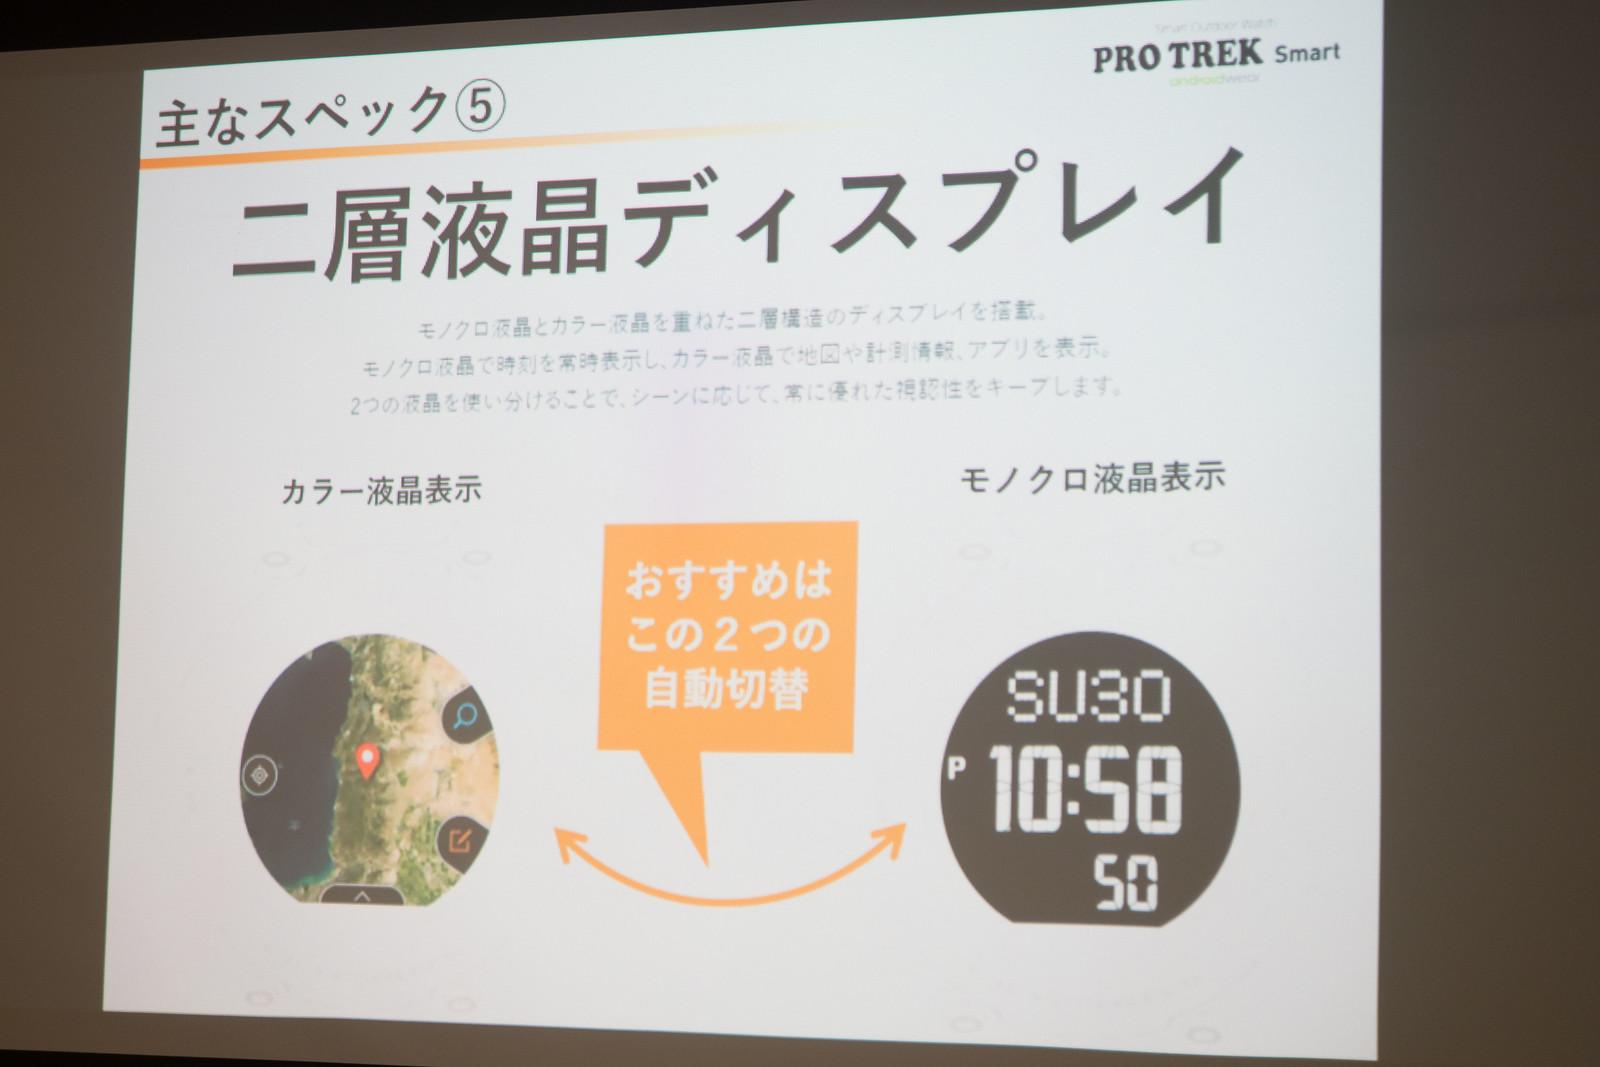 PRO_TREK_Smart-27